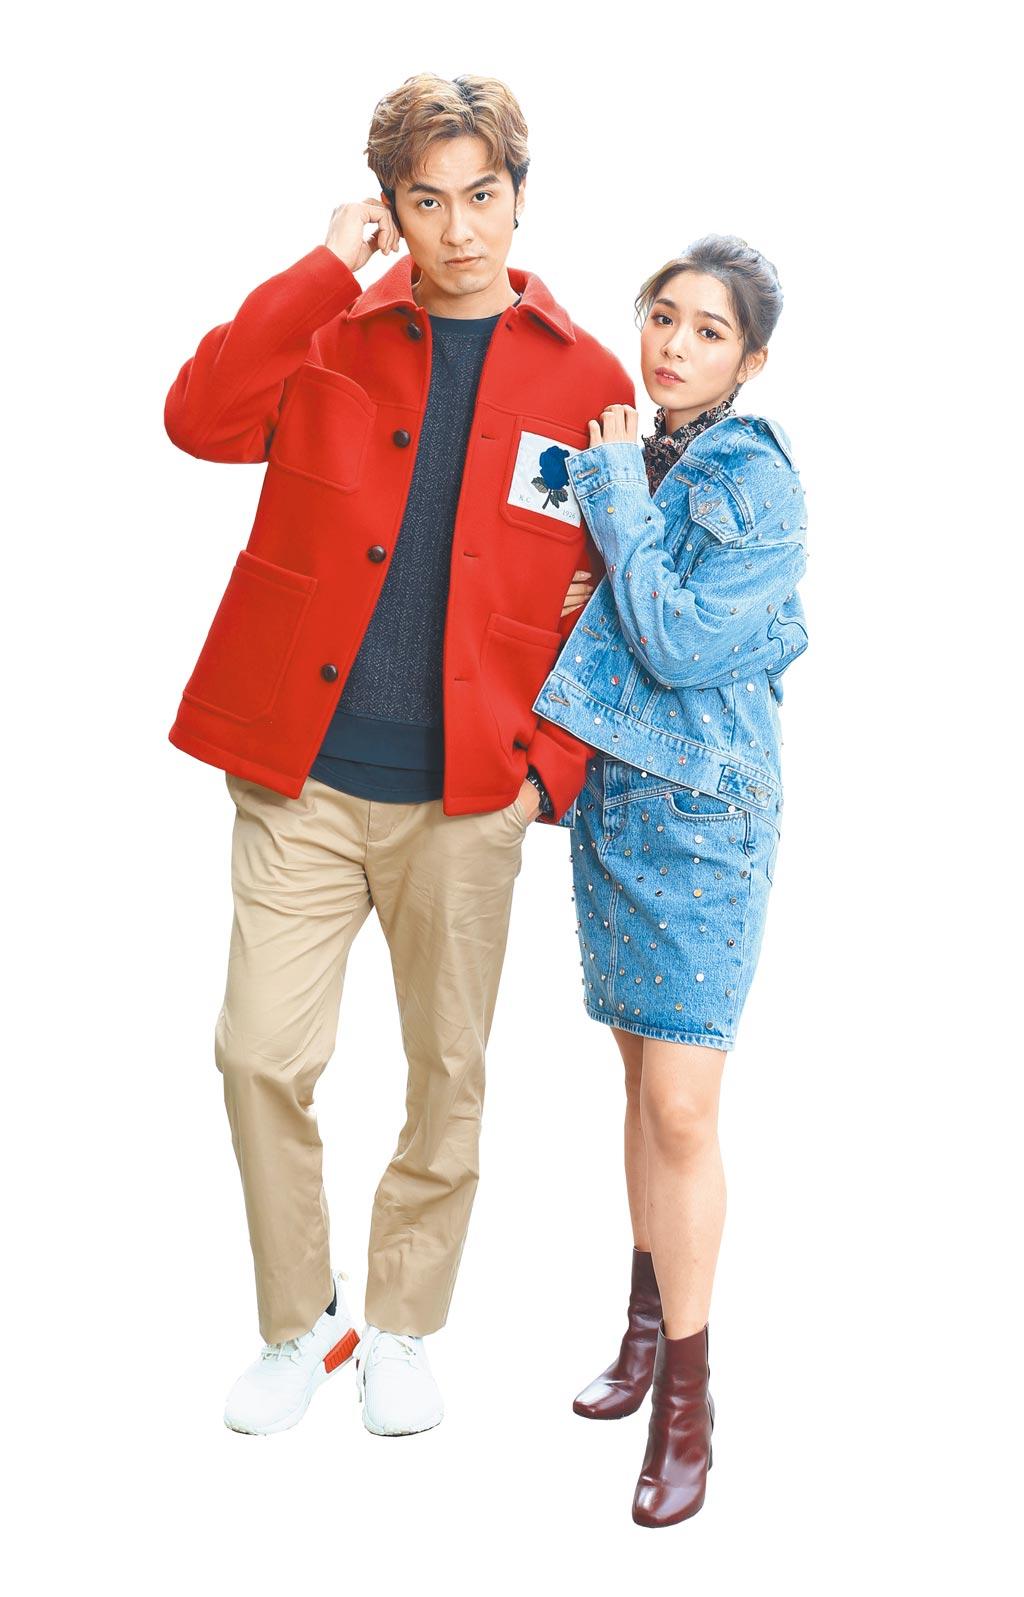 張雁名(左)、劉倩妏示範新年穿搭,劉倩妏首度嘗試牛仔鉚釘風格。(粘耿豪攝)